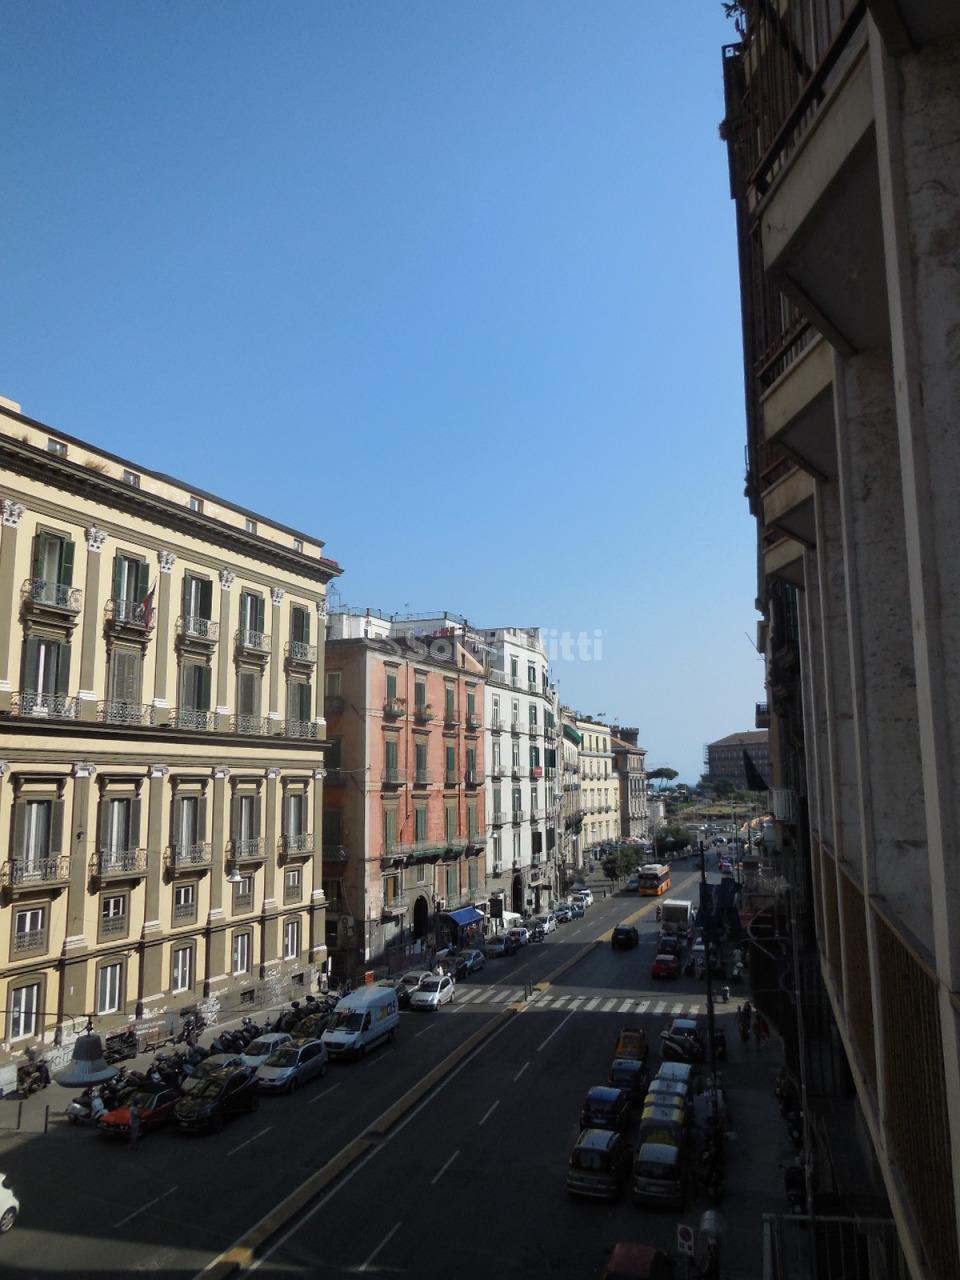 Ufficio - 1 locale a Via Medina - De Pretis, Napoli Rif. 10339252